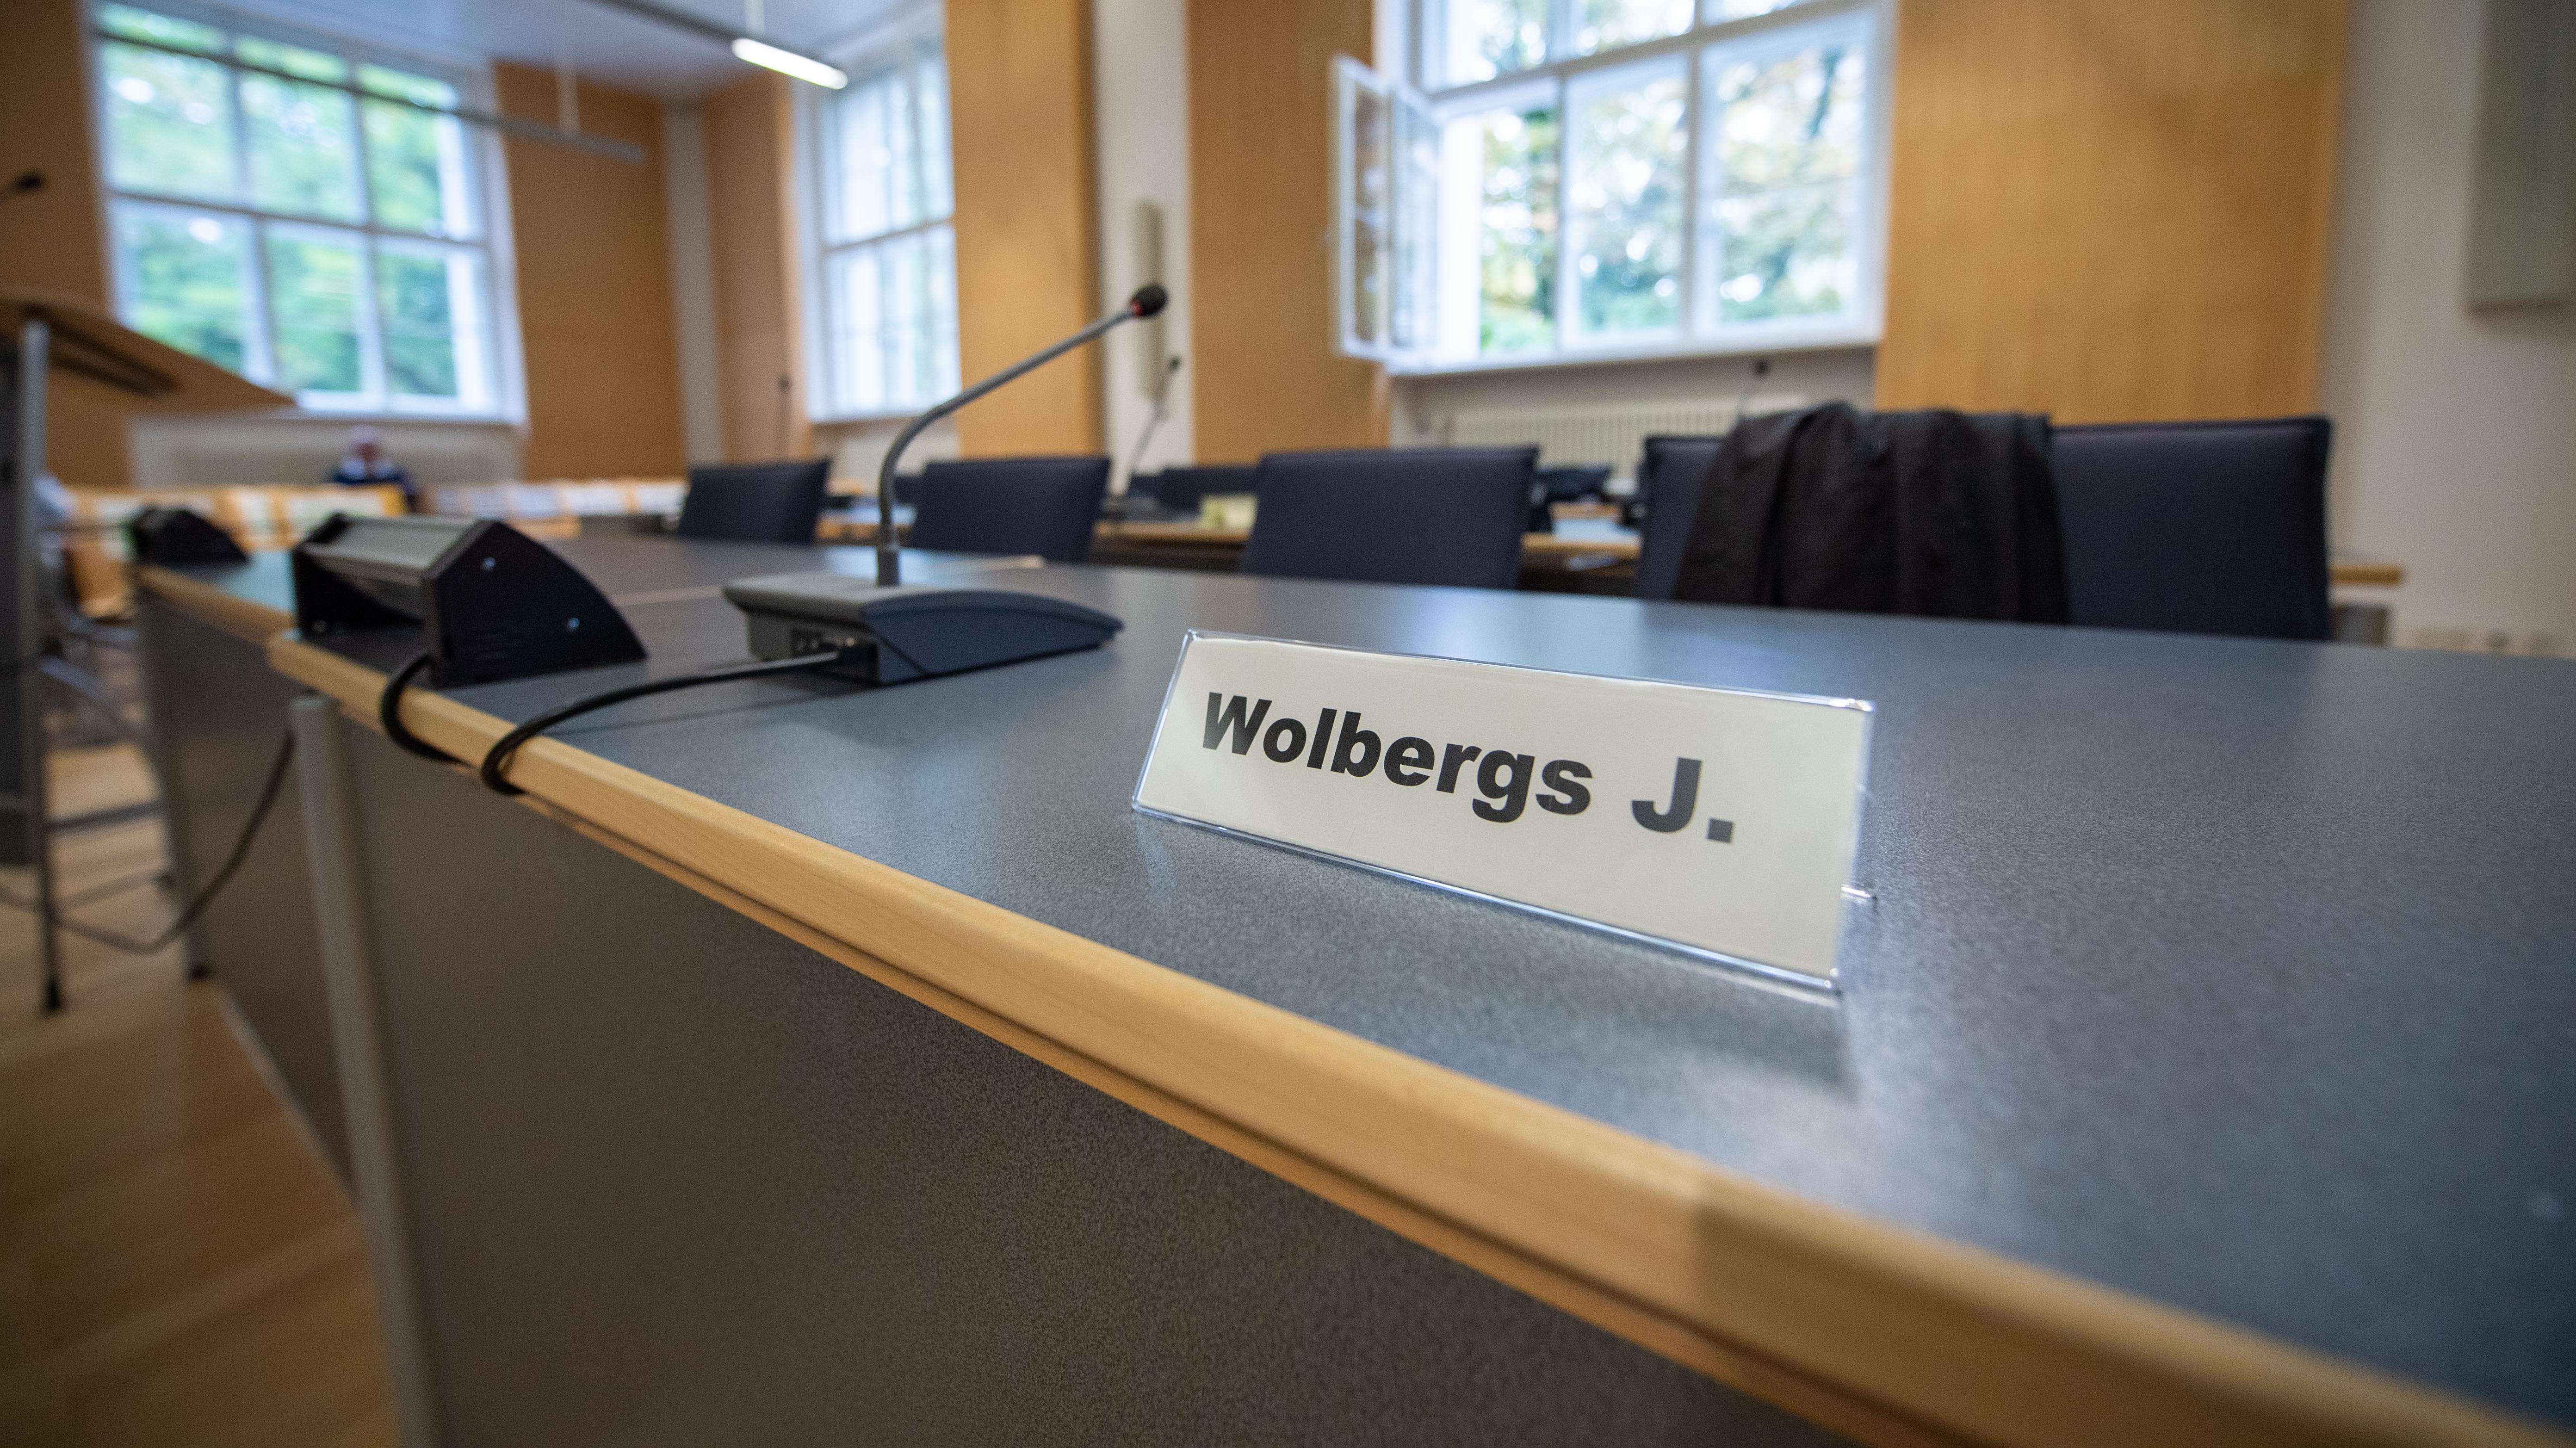 Das Namensschild von Joachim Wolbergs, dem suspendierten Oberbürgermeister von Regensburg